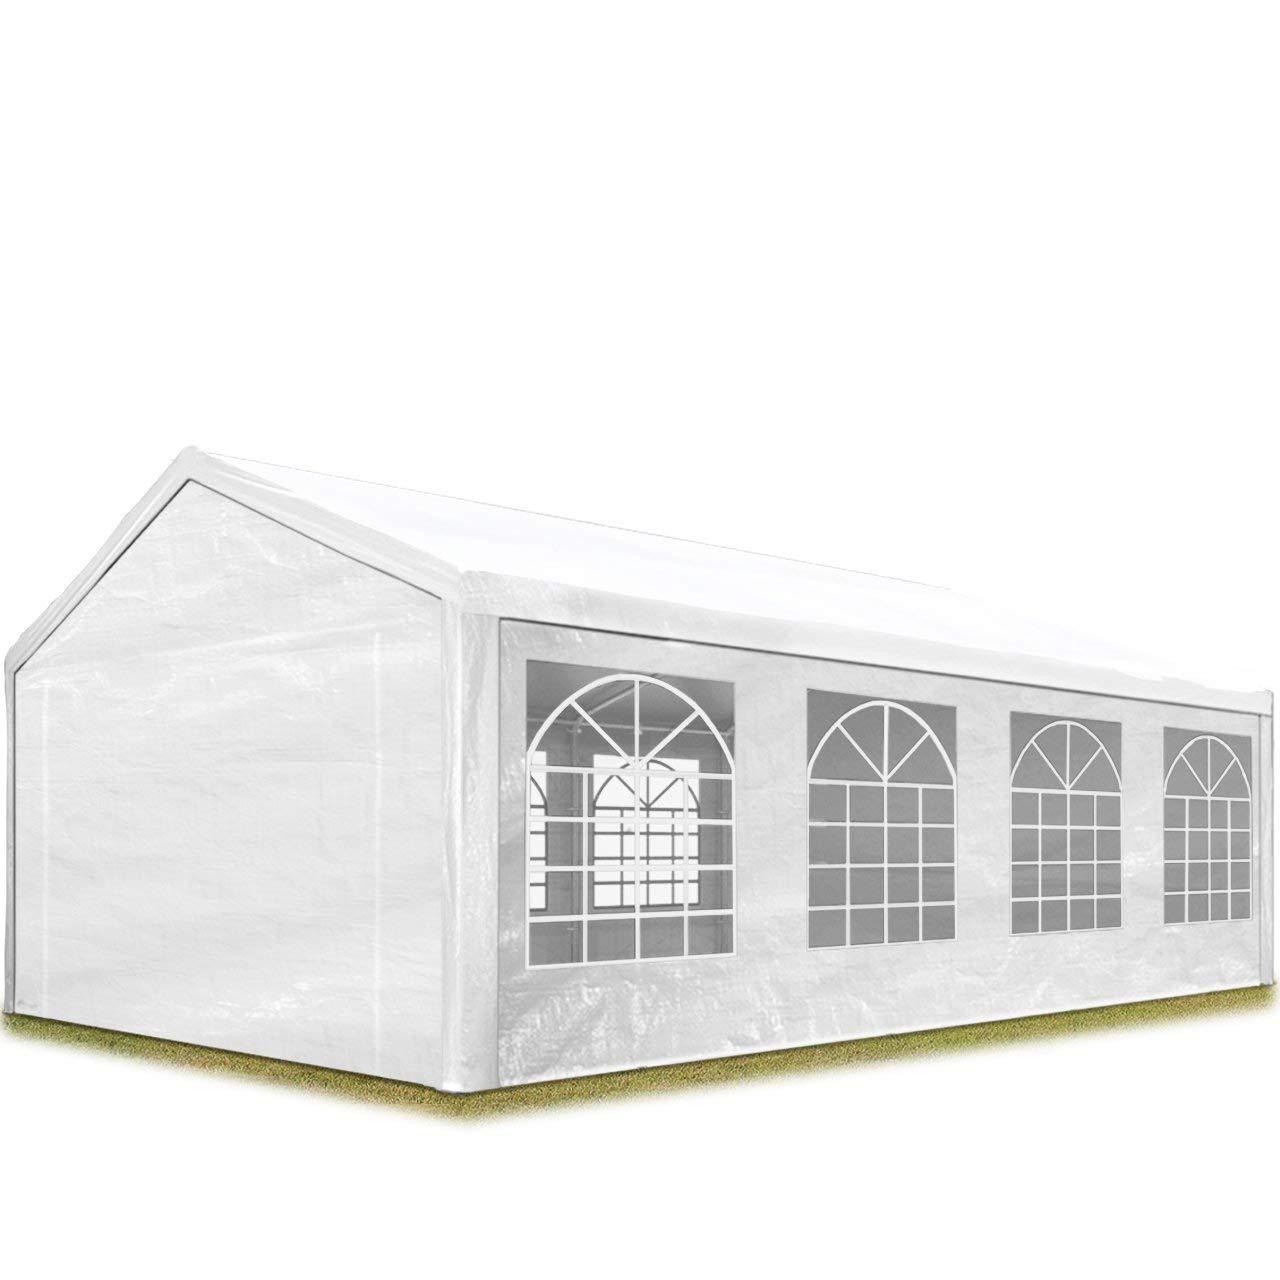 TOOLPORT Carpa para Fiestas 4x8 m en Blanco Lona PE 180 g/m² Impermeable Carpa para el jardín con protección UV: Amazon.es: Jardín